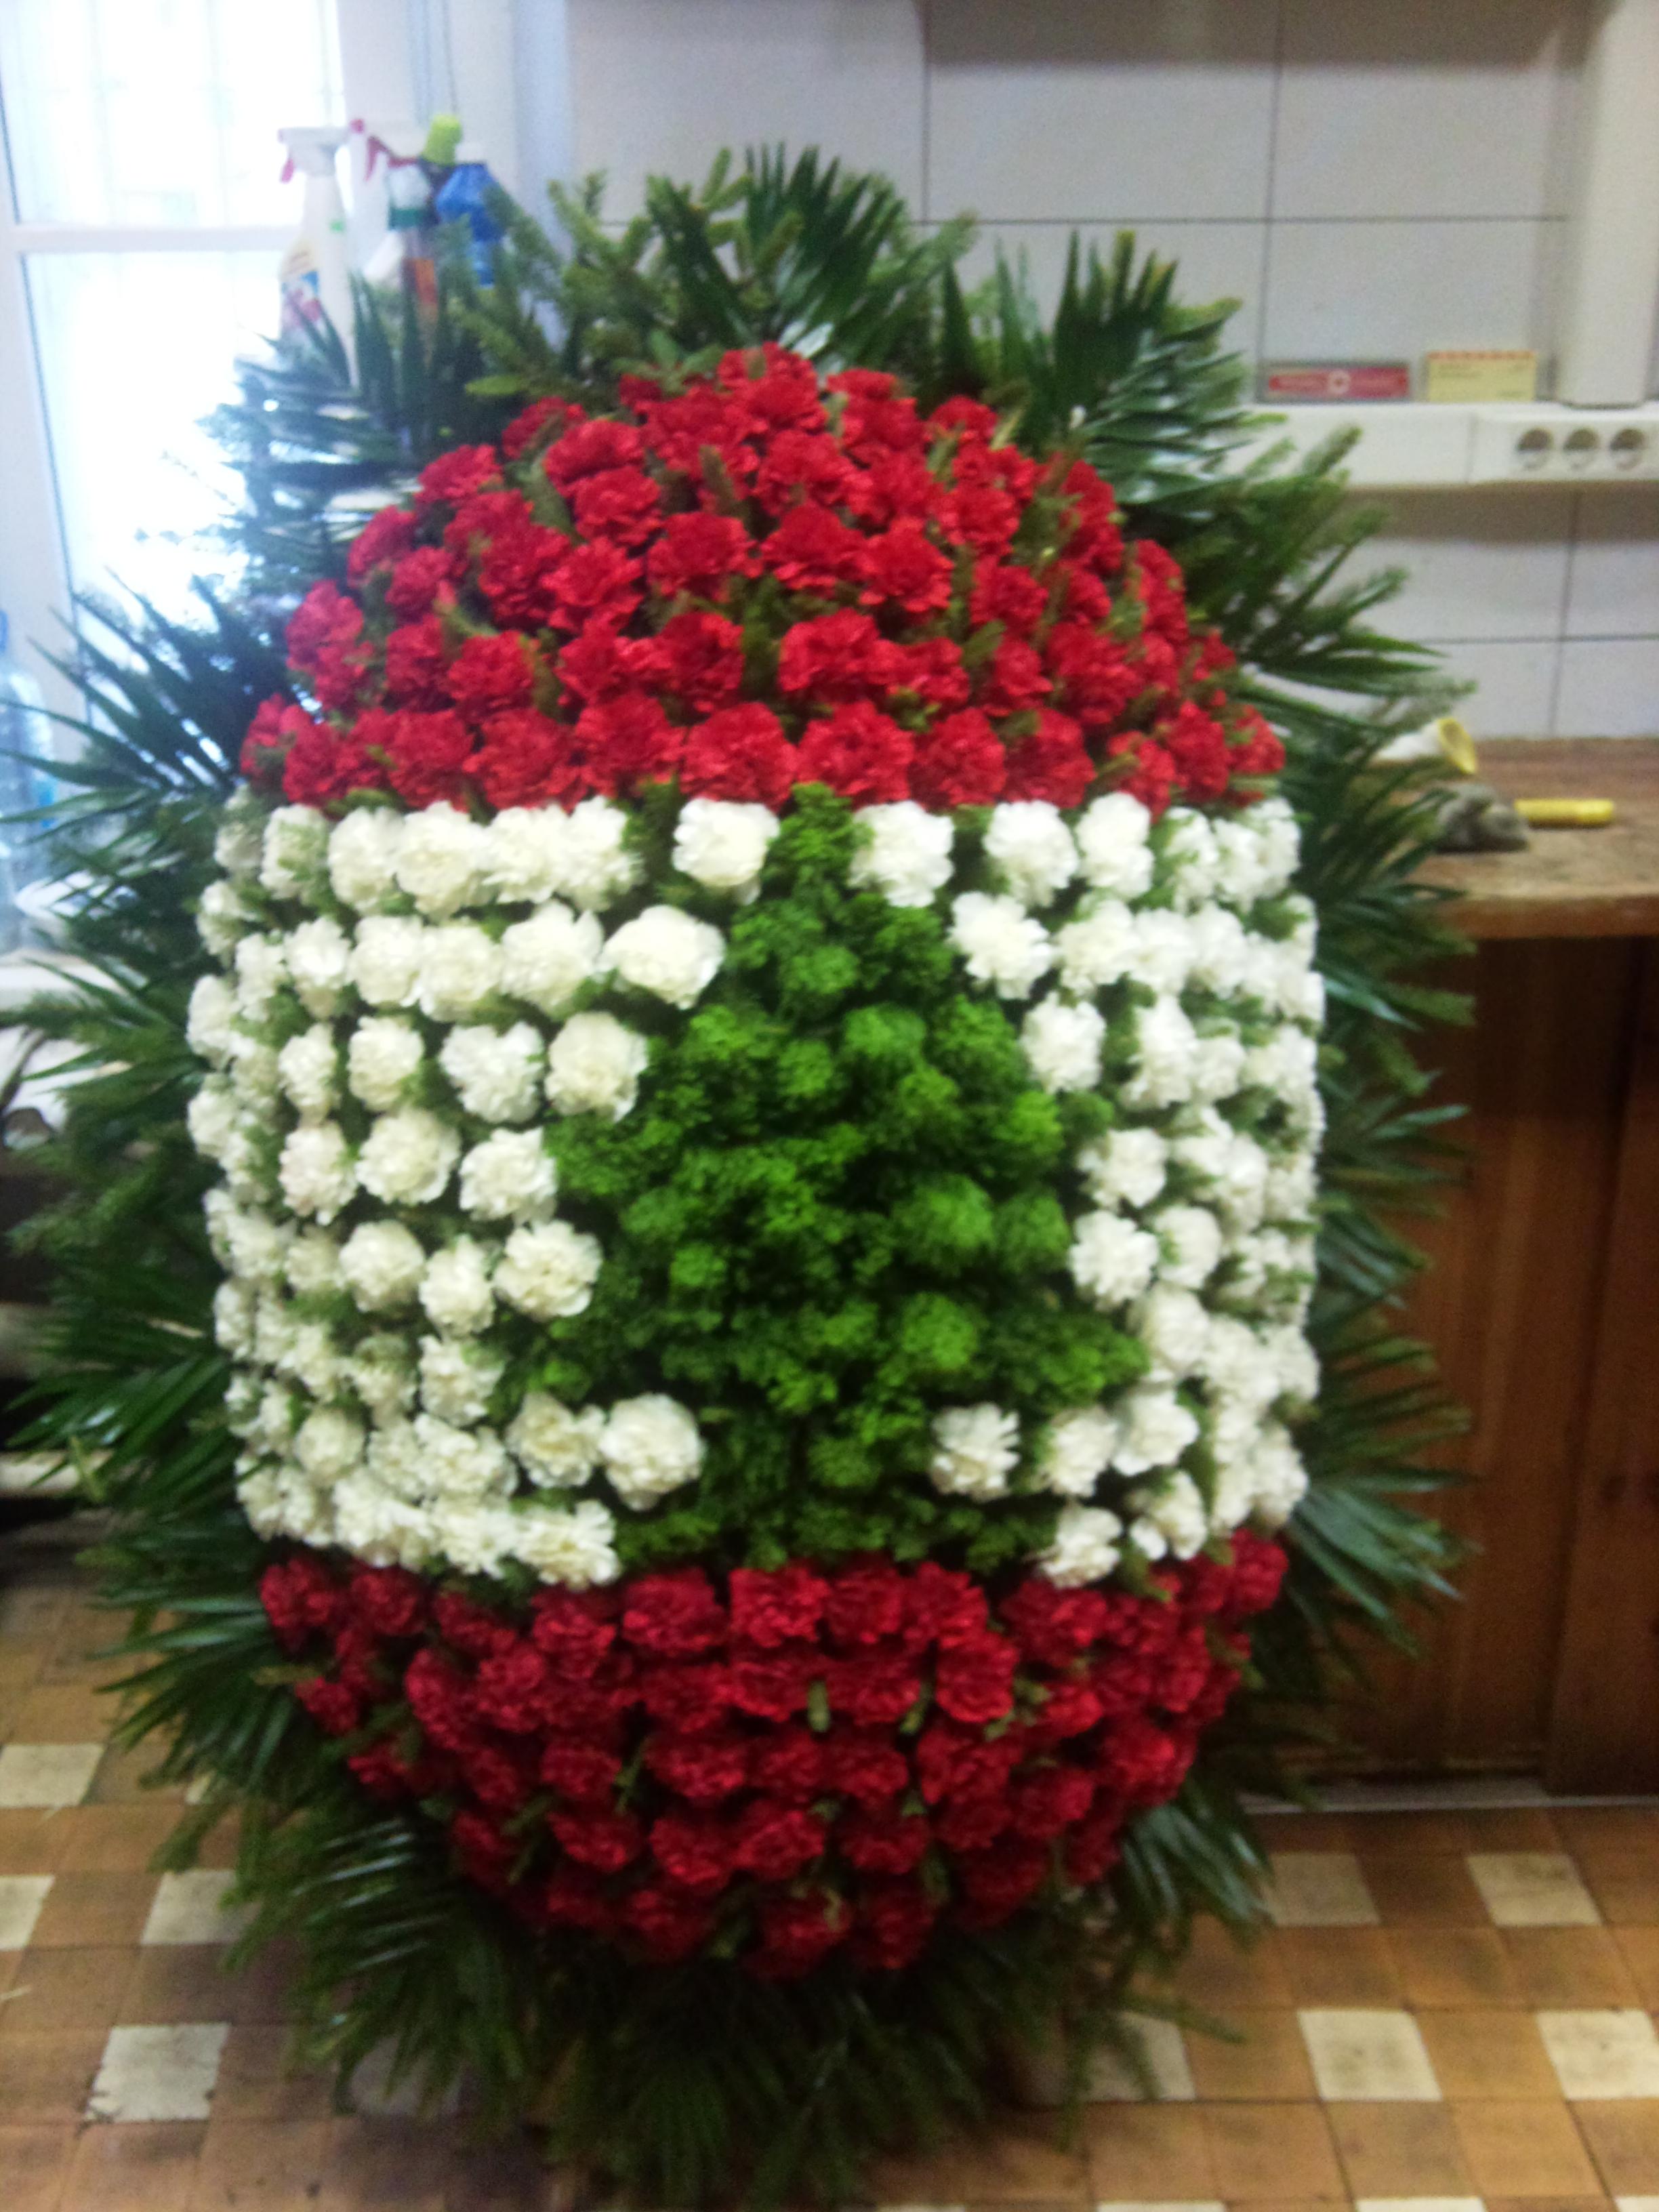 Фото венков из живых цветов